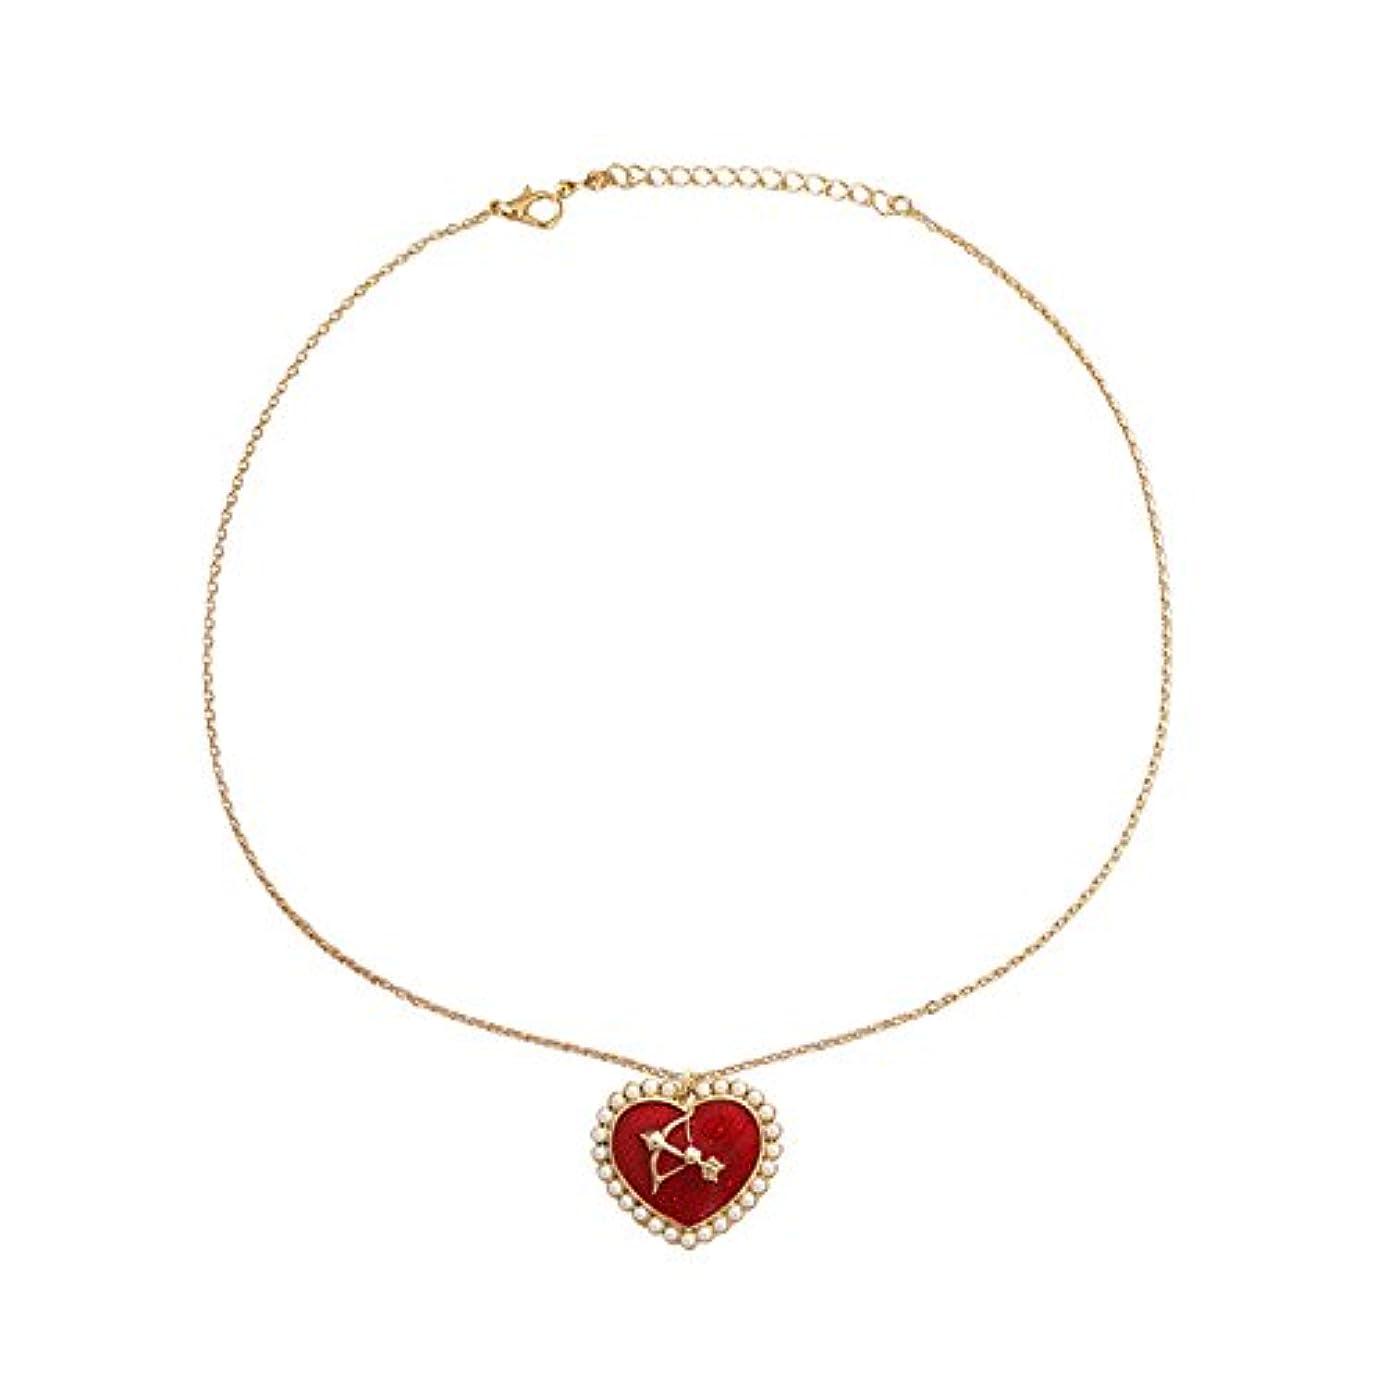 あご地獄動かす真珠キューピットネックレス 首のネックレス ハートのネックレス バレンタインデーのプレゼント